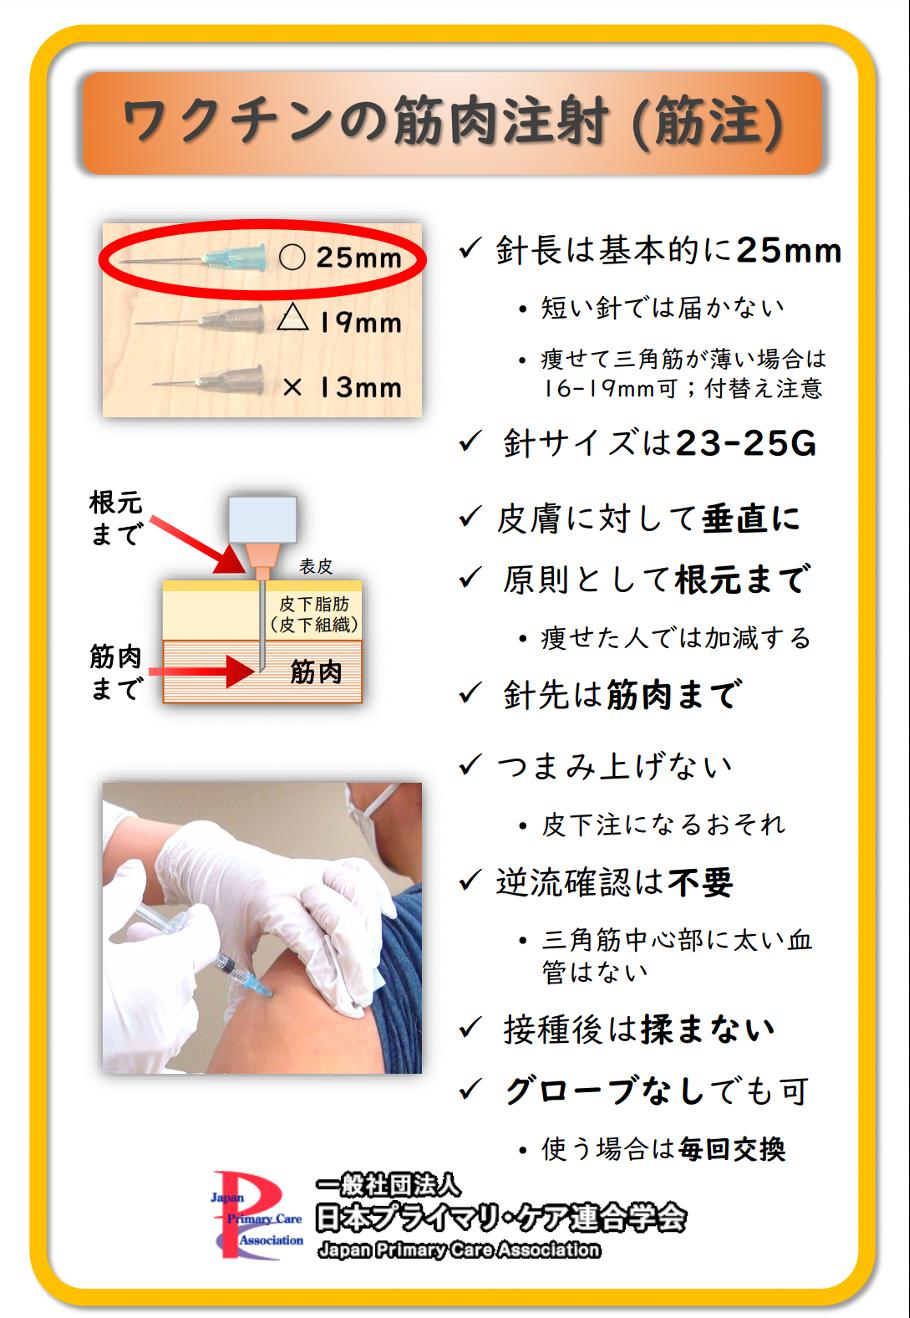 ワクチン接種部位2